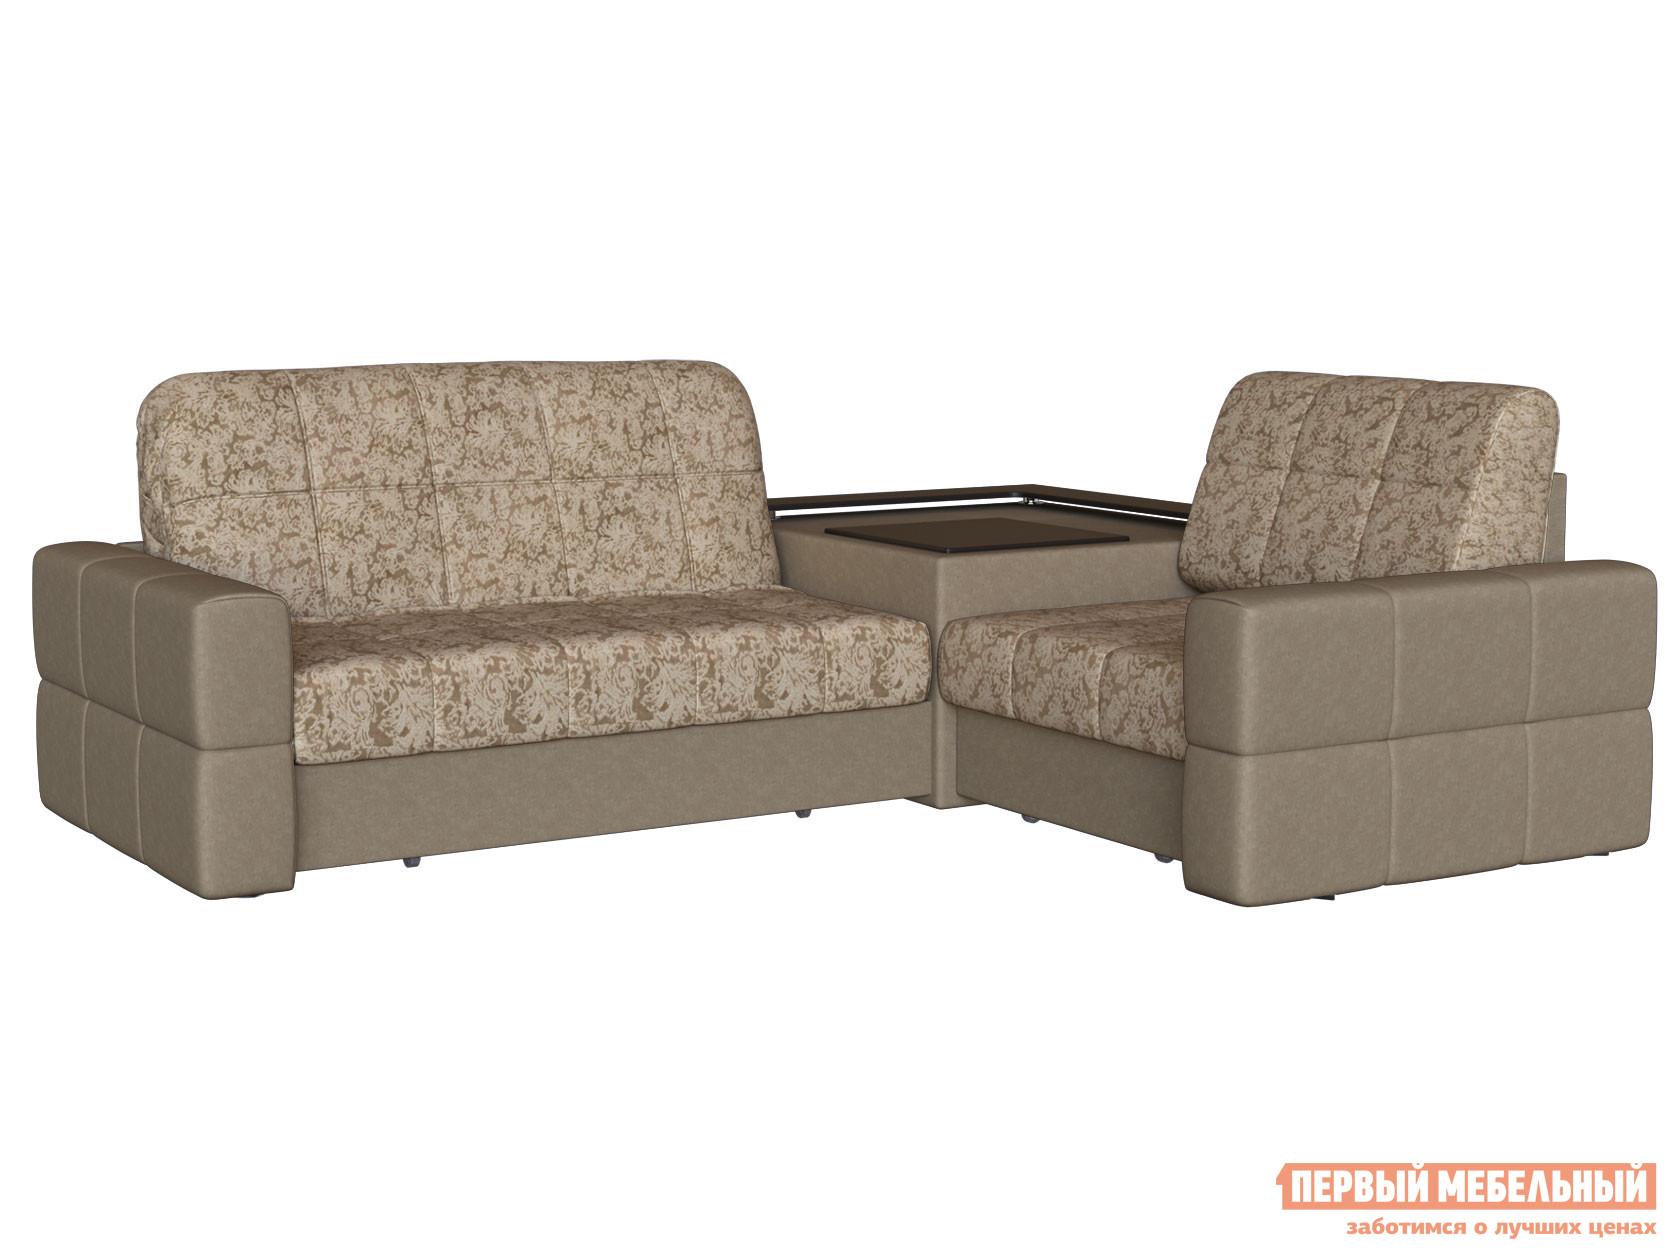 Угловой диван Первый Мебельный Диван Марио угловой